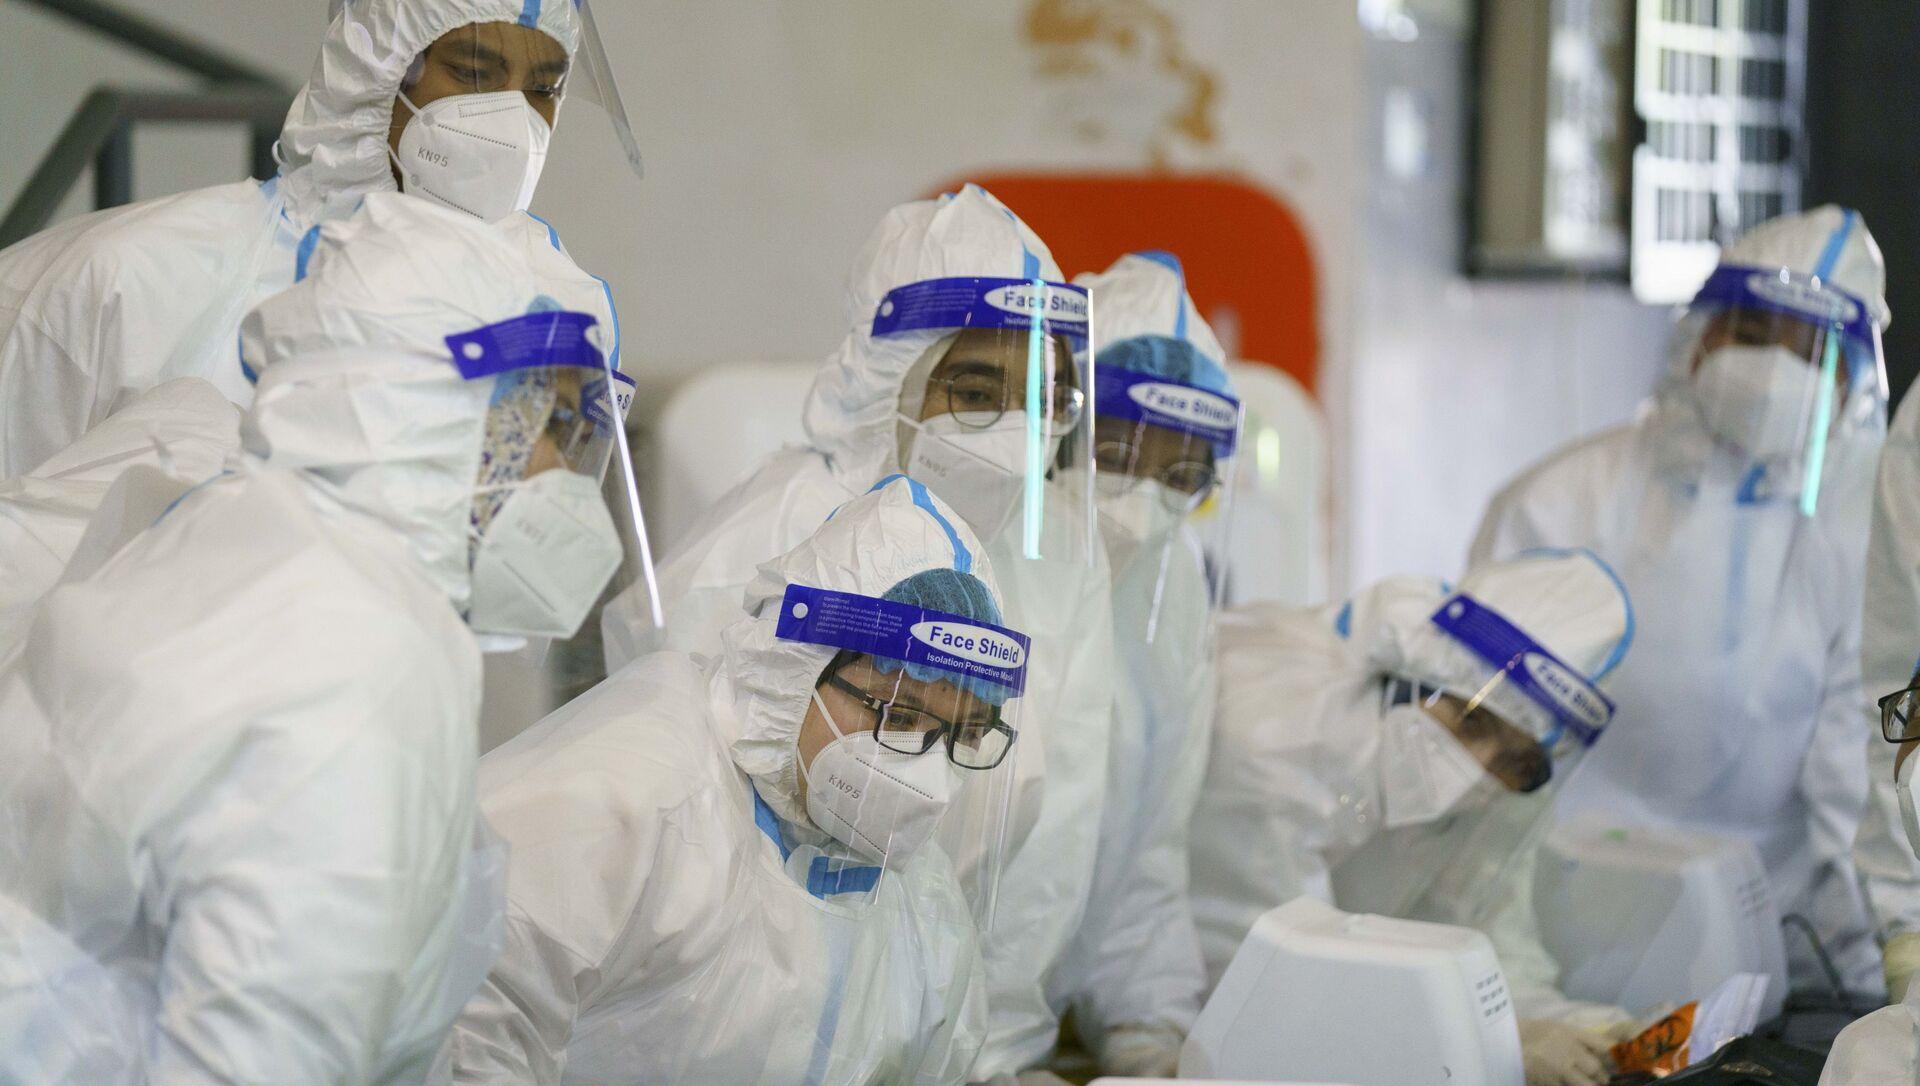 Медицинский работник в средствах индивидуальной защиты (СИЗ) слушает брифинг в центре тестирования на COVID-19 в городе Шах-Алам - Sputnik Аҧсны, 1920, 24.02.2021